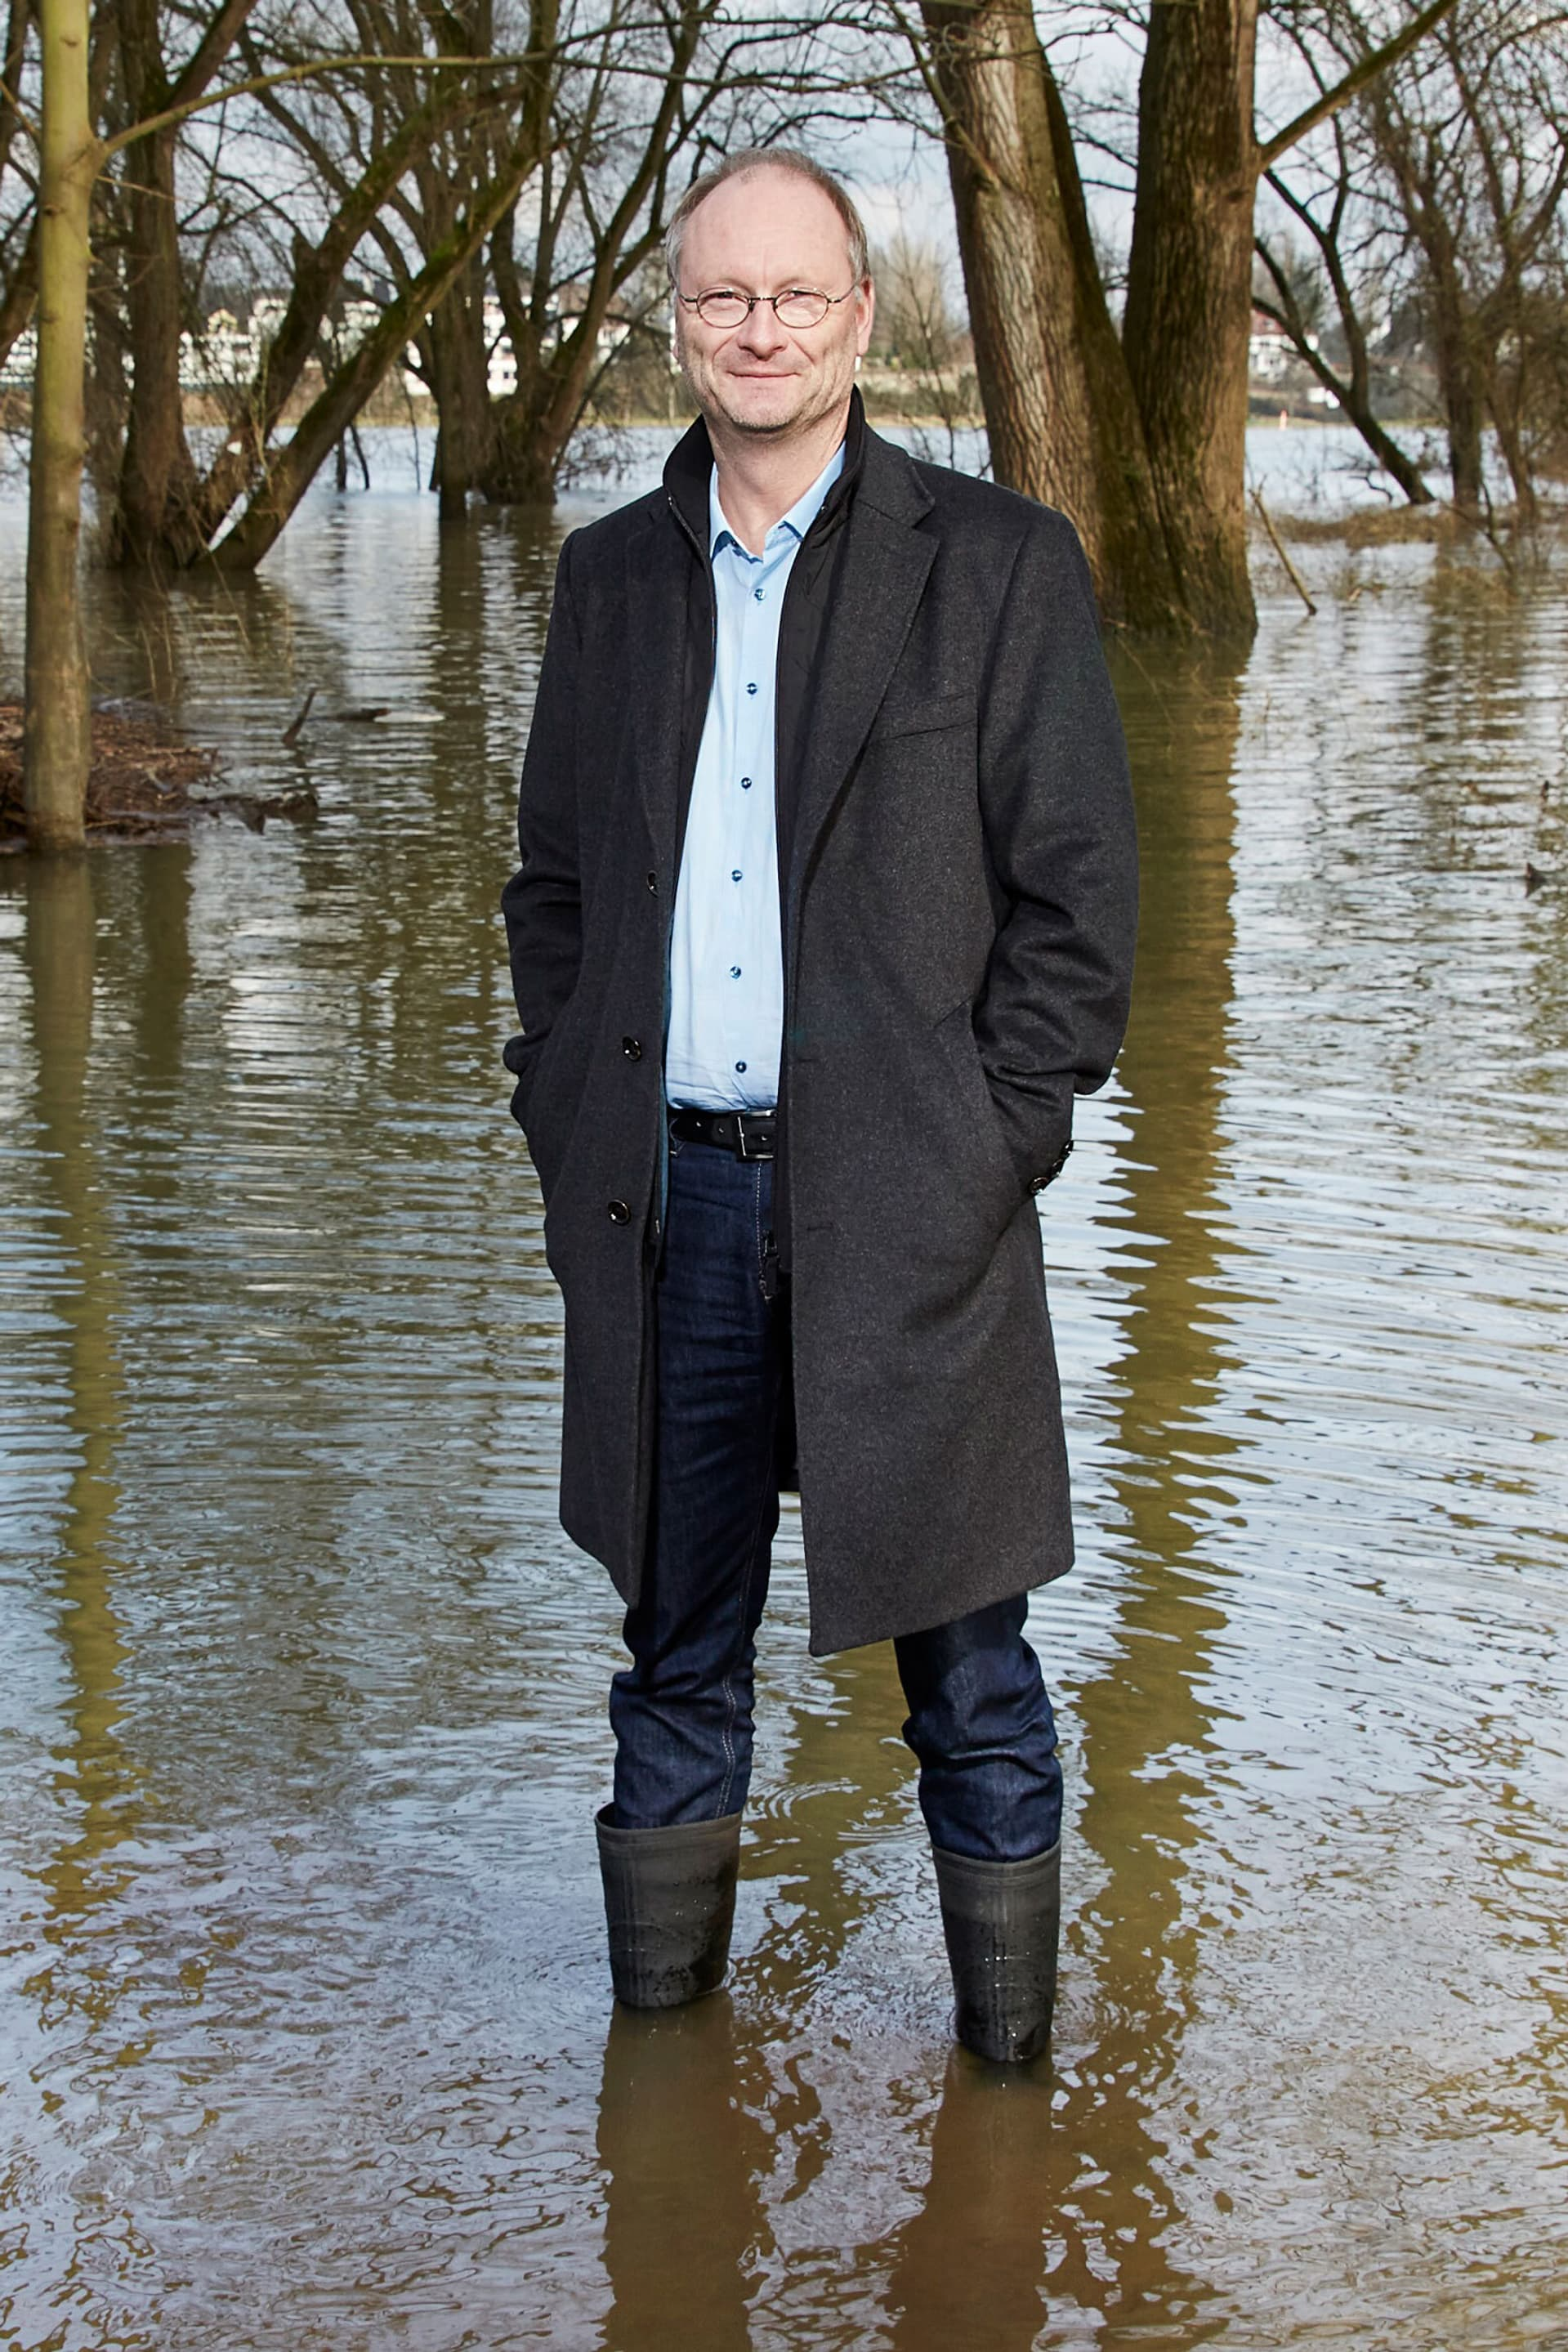 Sven Plöger steht mit Mantel und Stiefeln im Hochwasser vor Bäumen